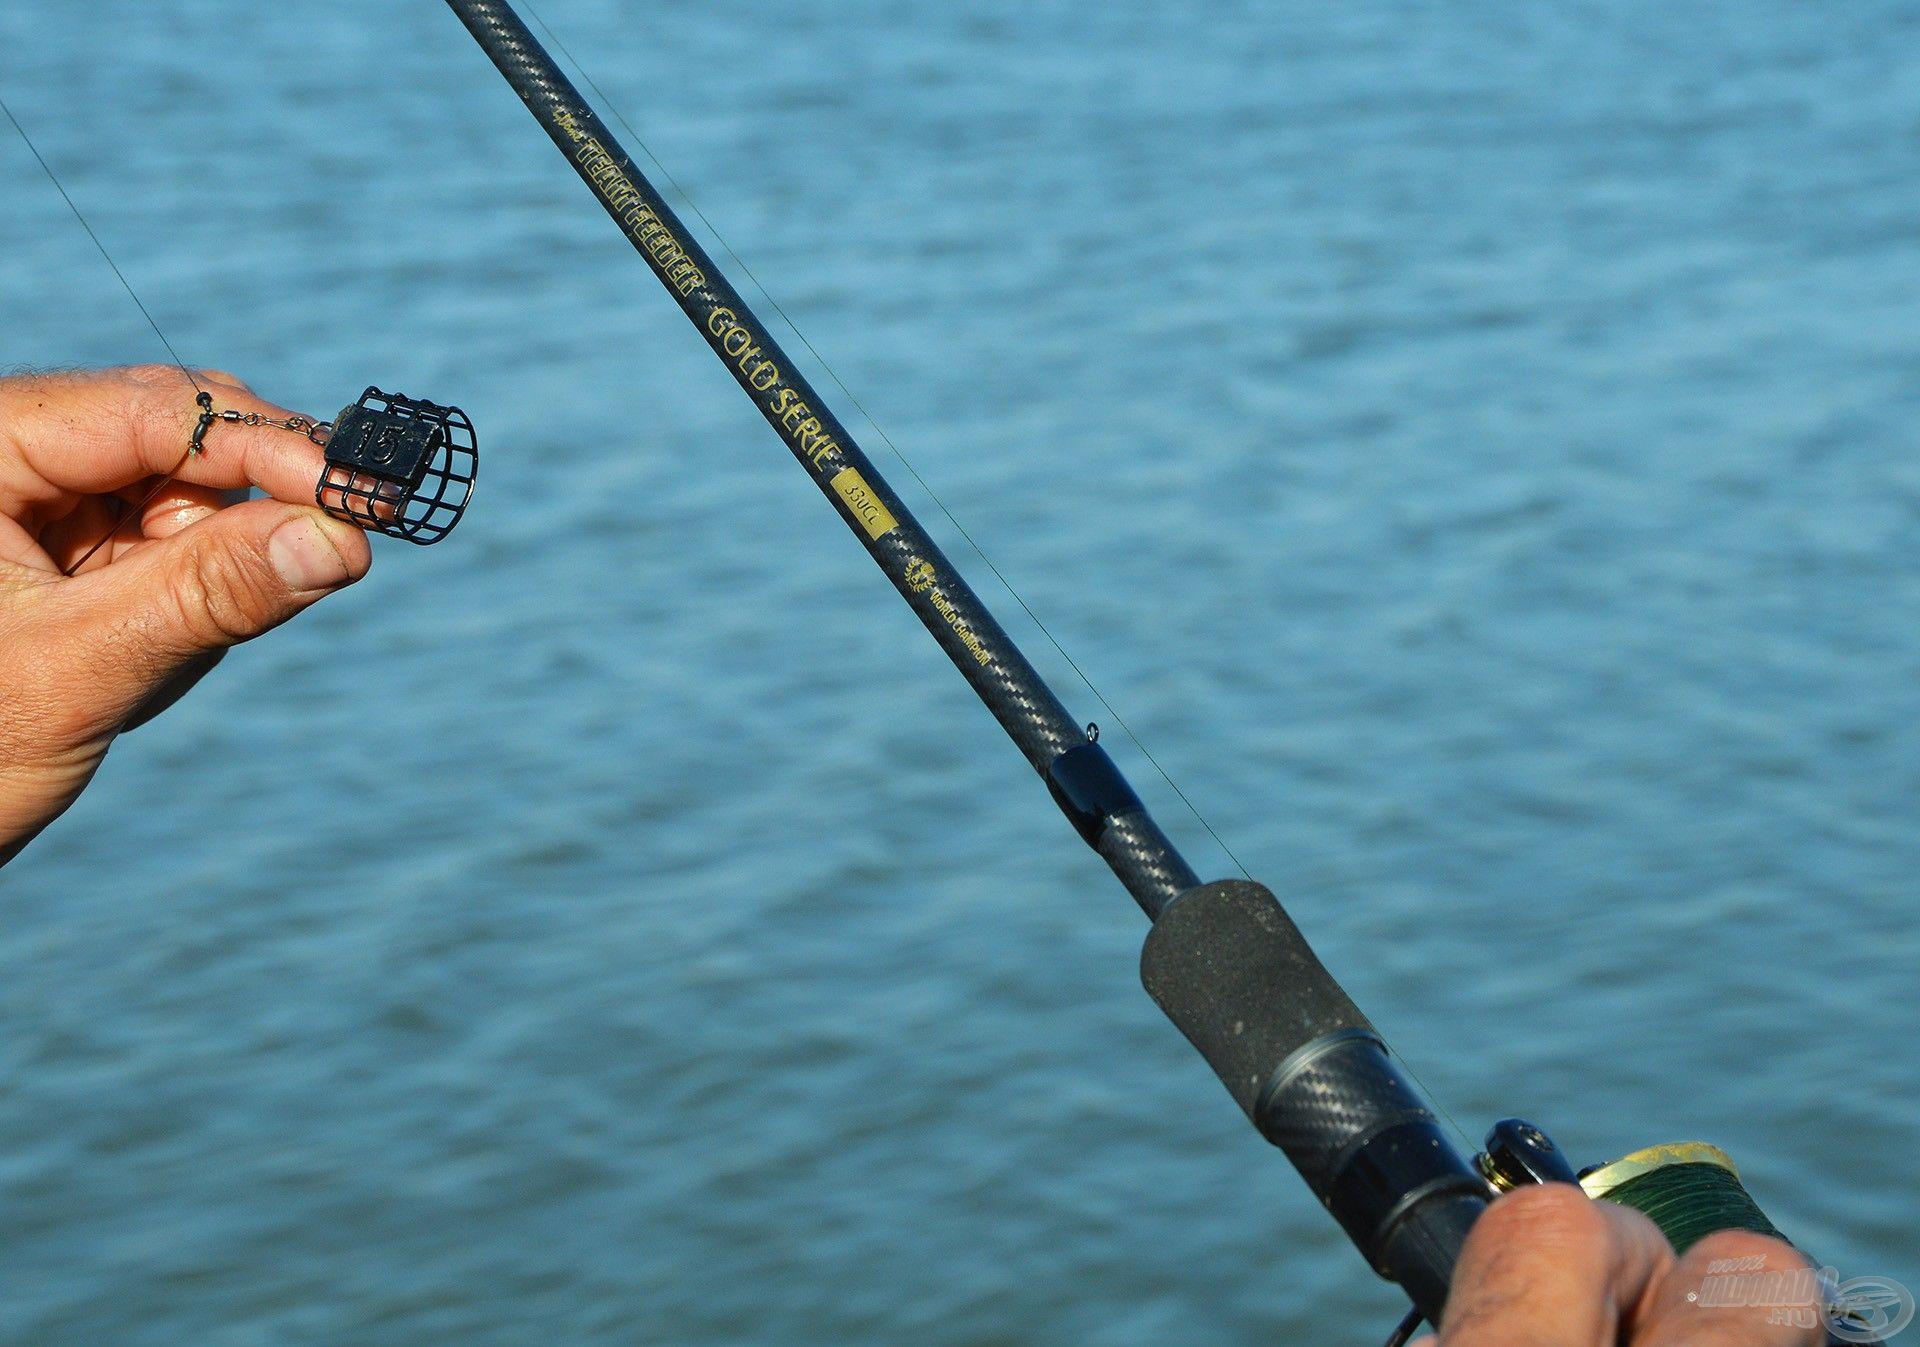 Ultra finom, kis kosaras, partközeli horgászathoz specializált versenybot